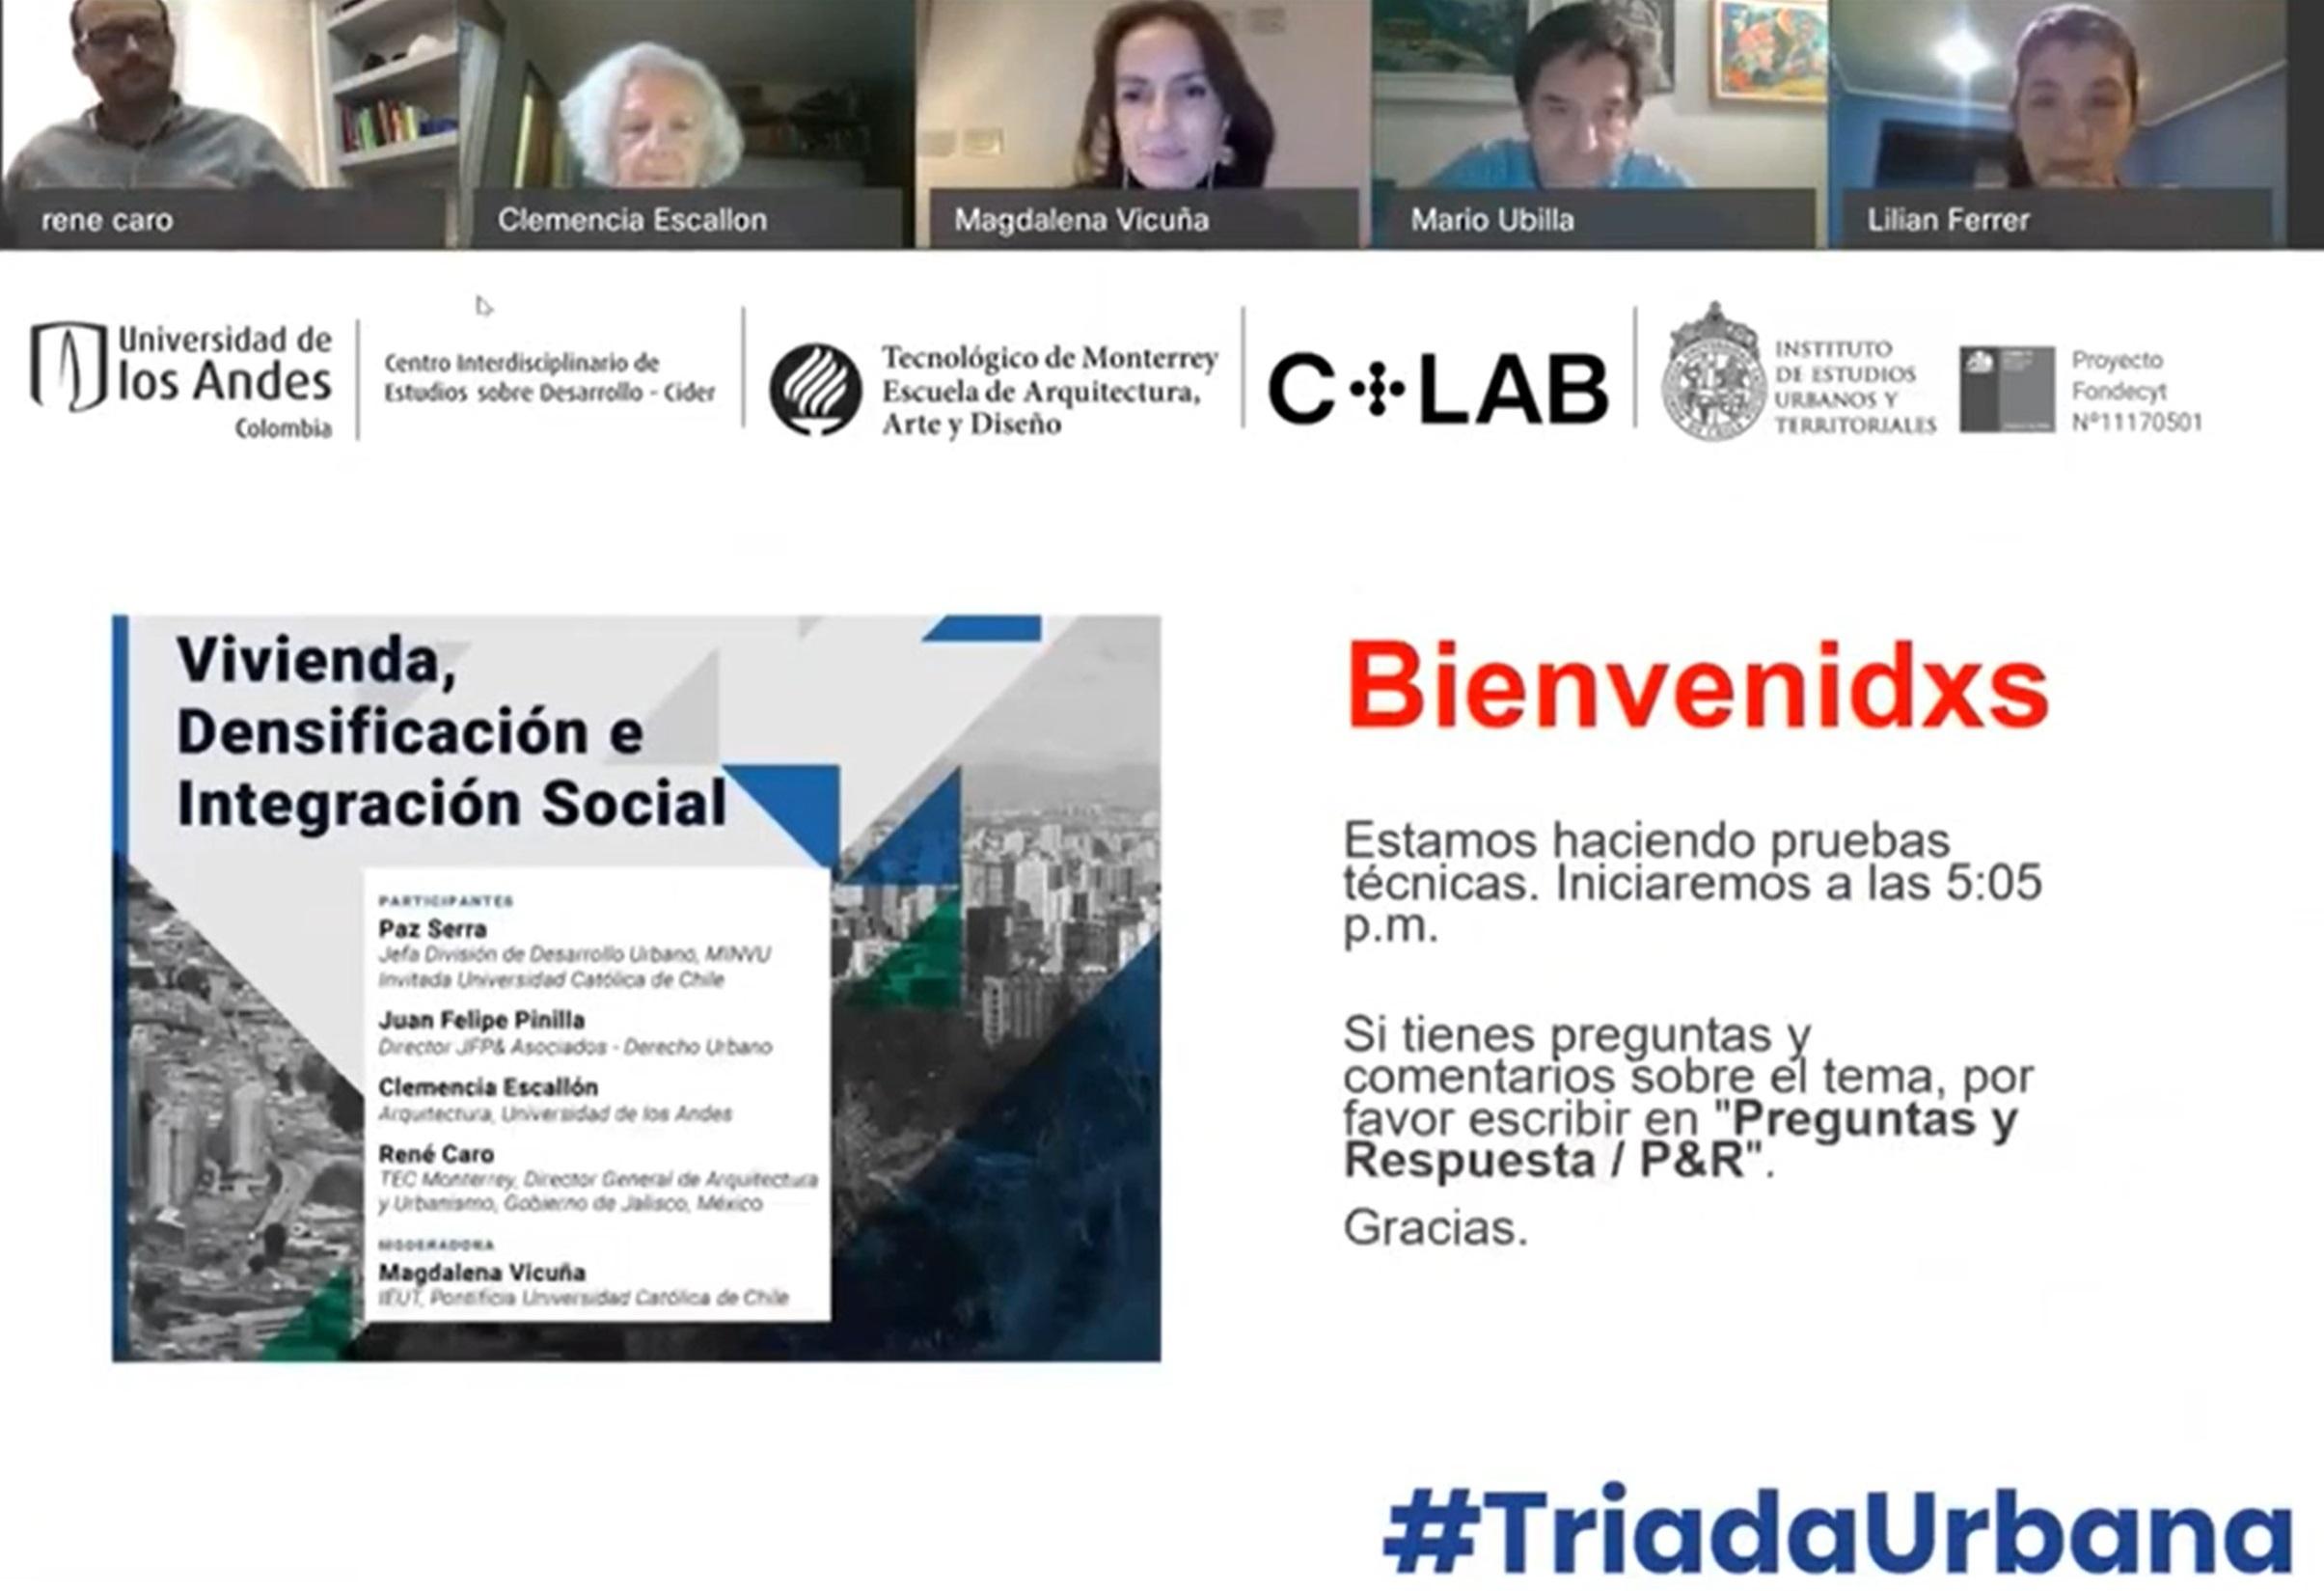 Chile, México y Colombia: Triada Urbana convocó a la reflexión en torno a la ciudad